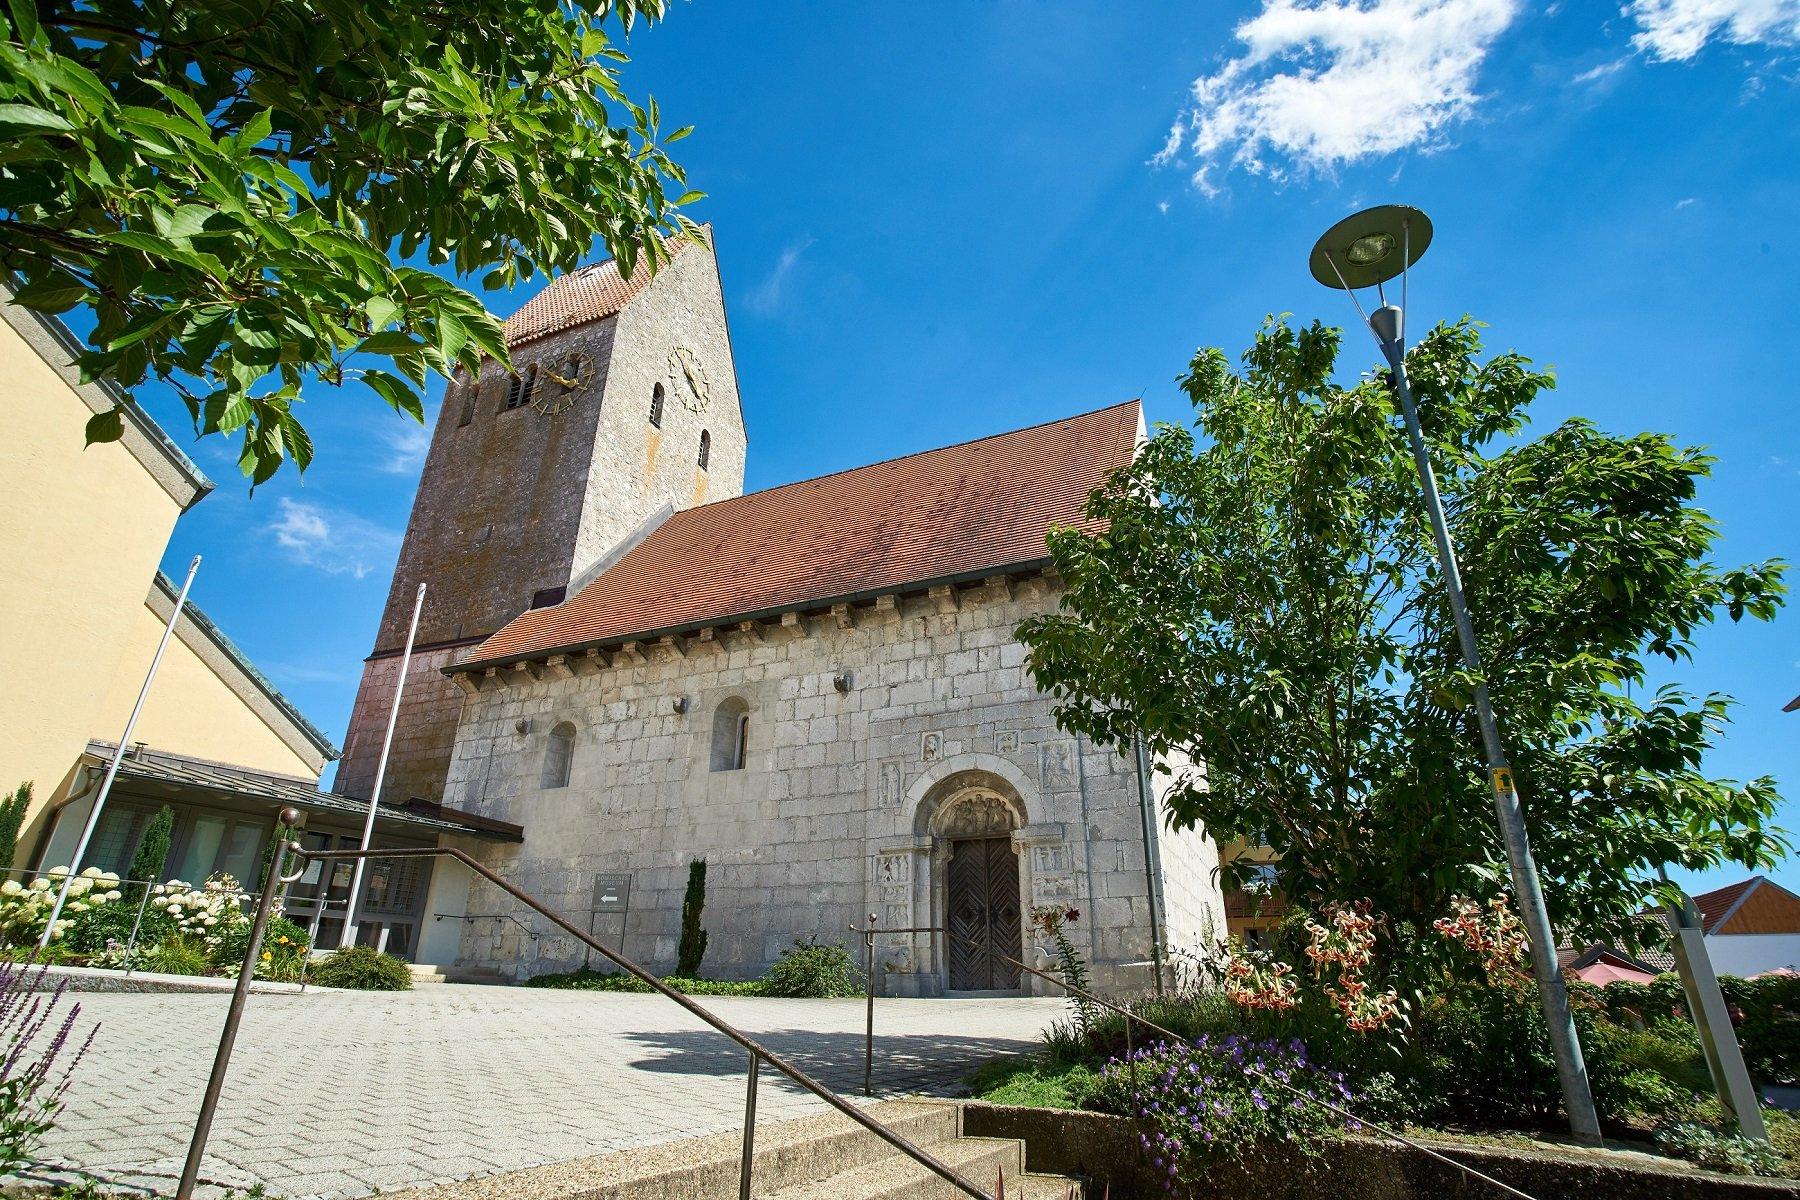 Die alte romanische Pfarrkirche St.Andreas in Bad Gögging